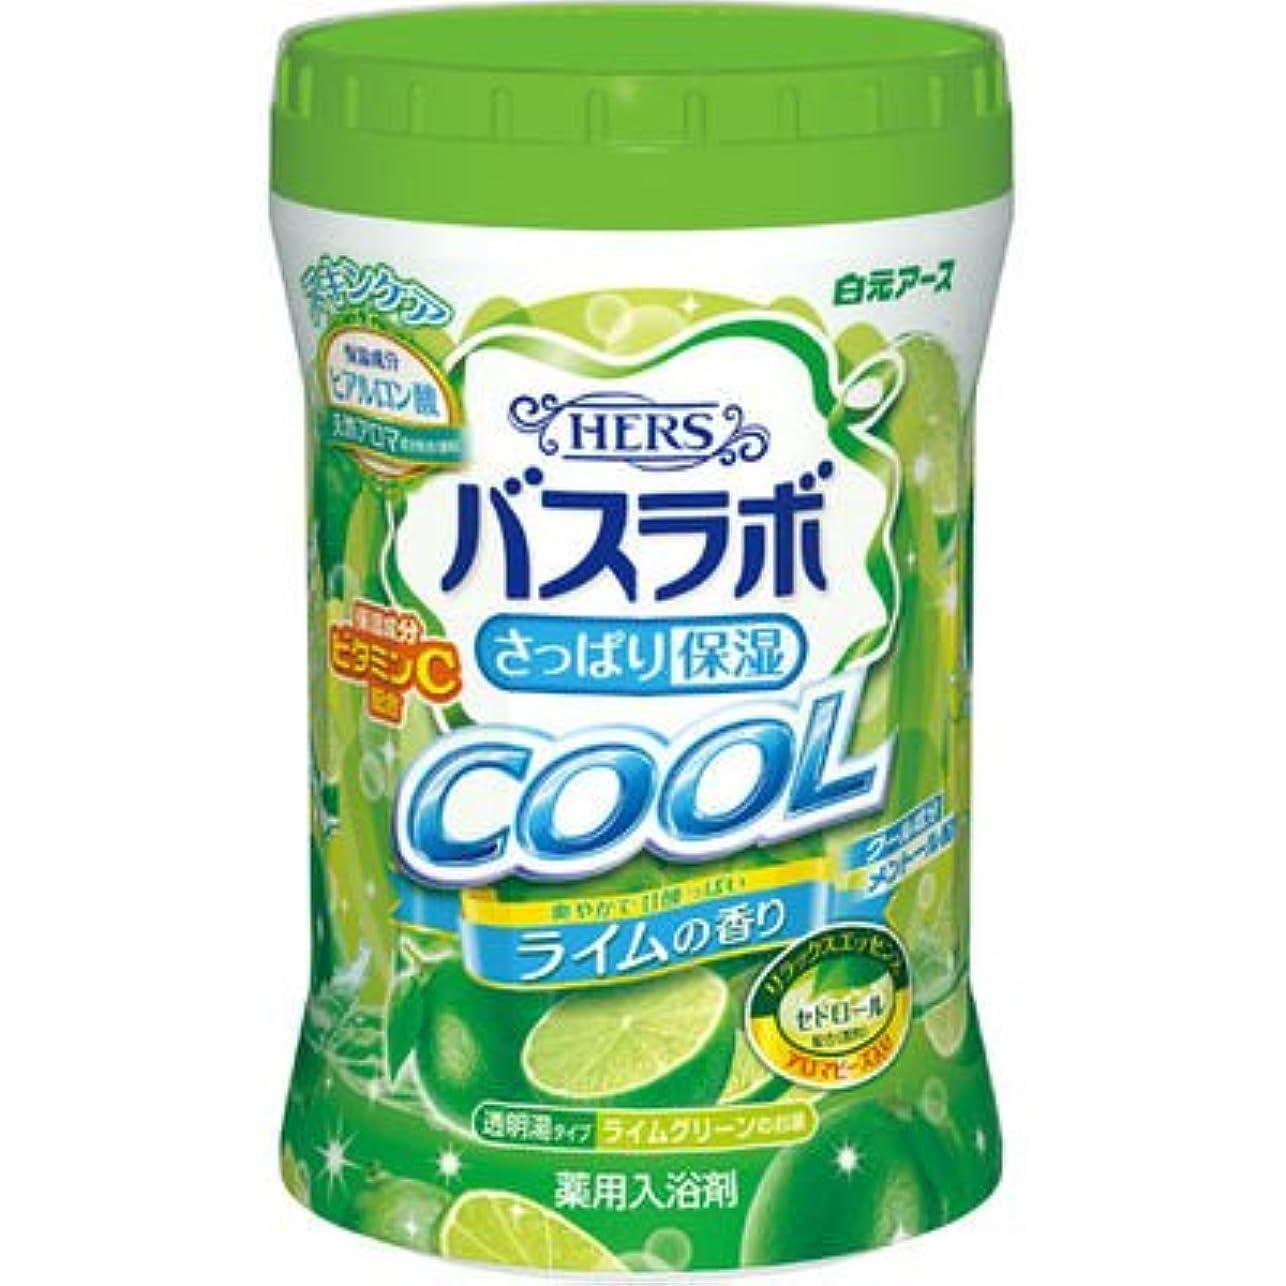 できるモーターアコード白元アース HERSバスラボ さっぱり保湿 COOL ライムの香り 640g E537344H